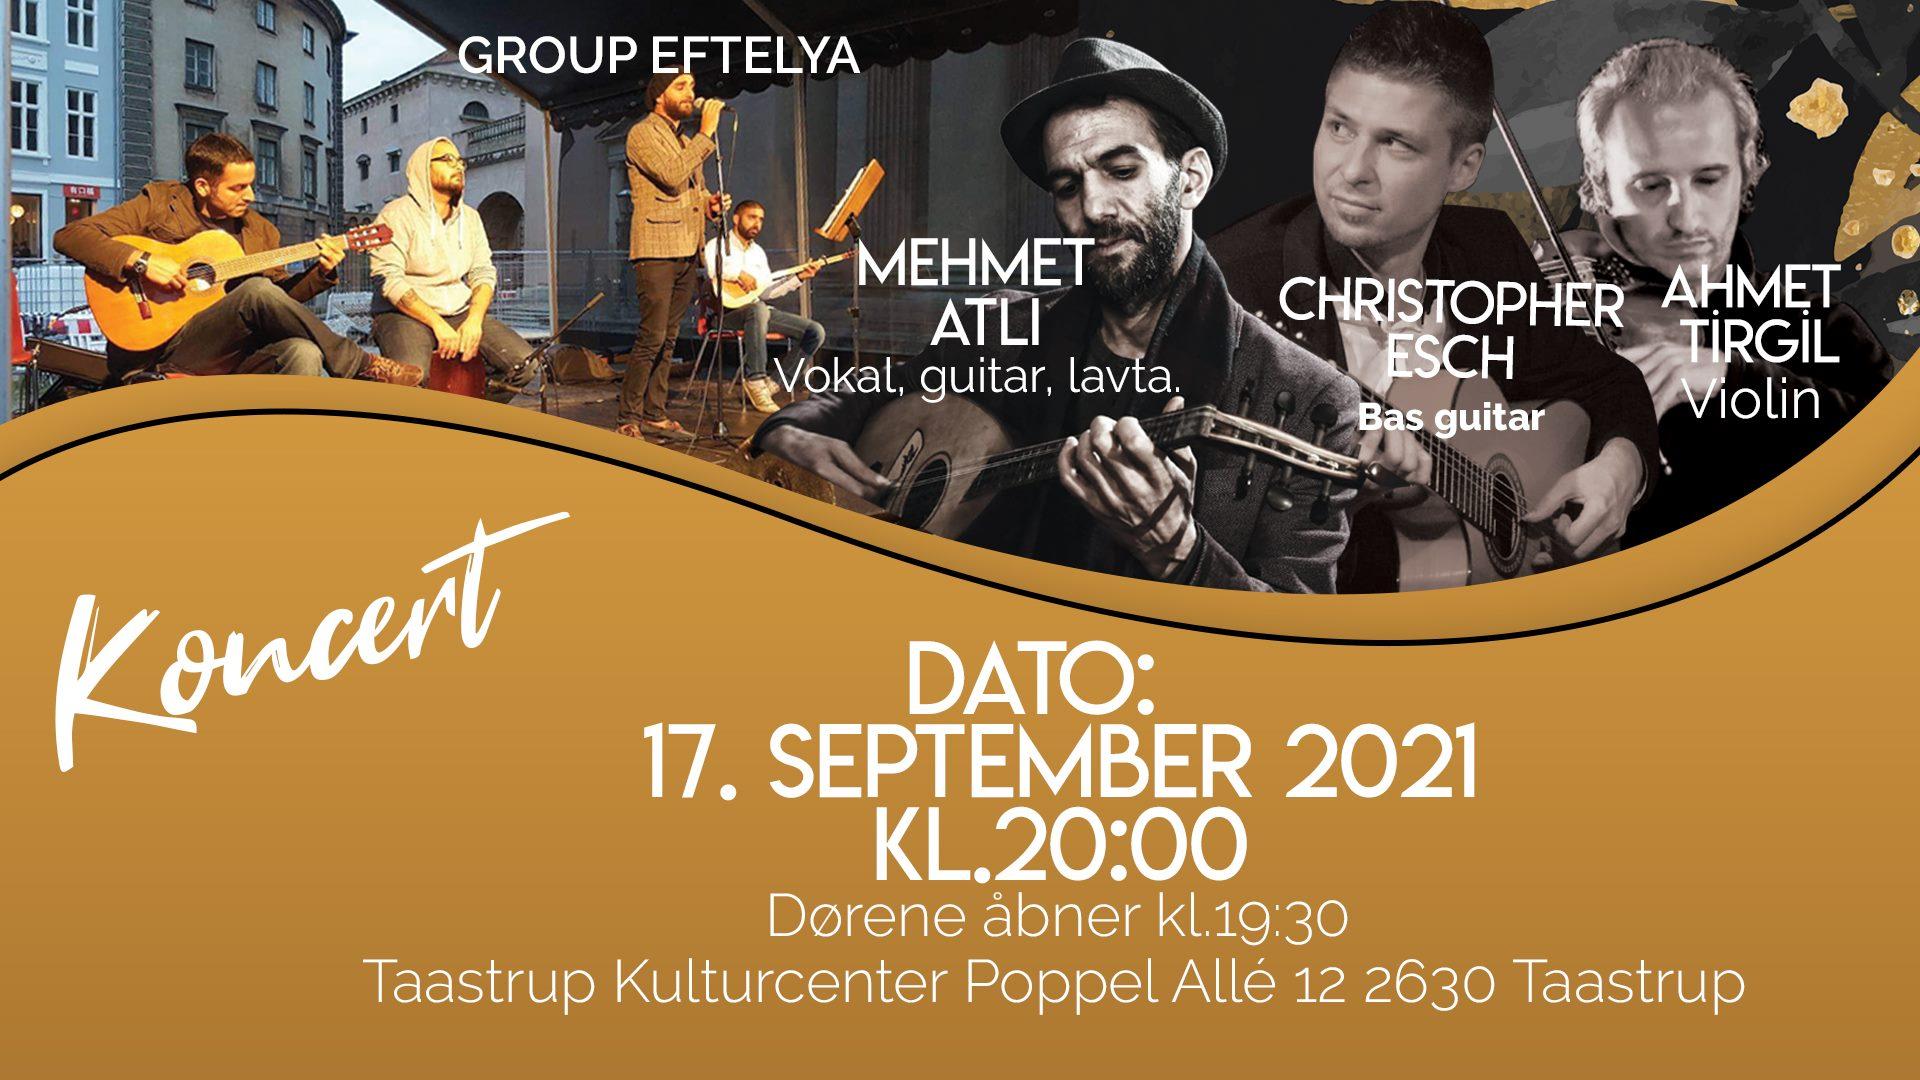 Mehmet Atli Live Koncert i Vestegnens Kulturuge Festivalen